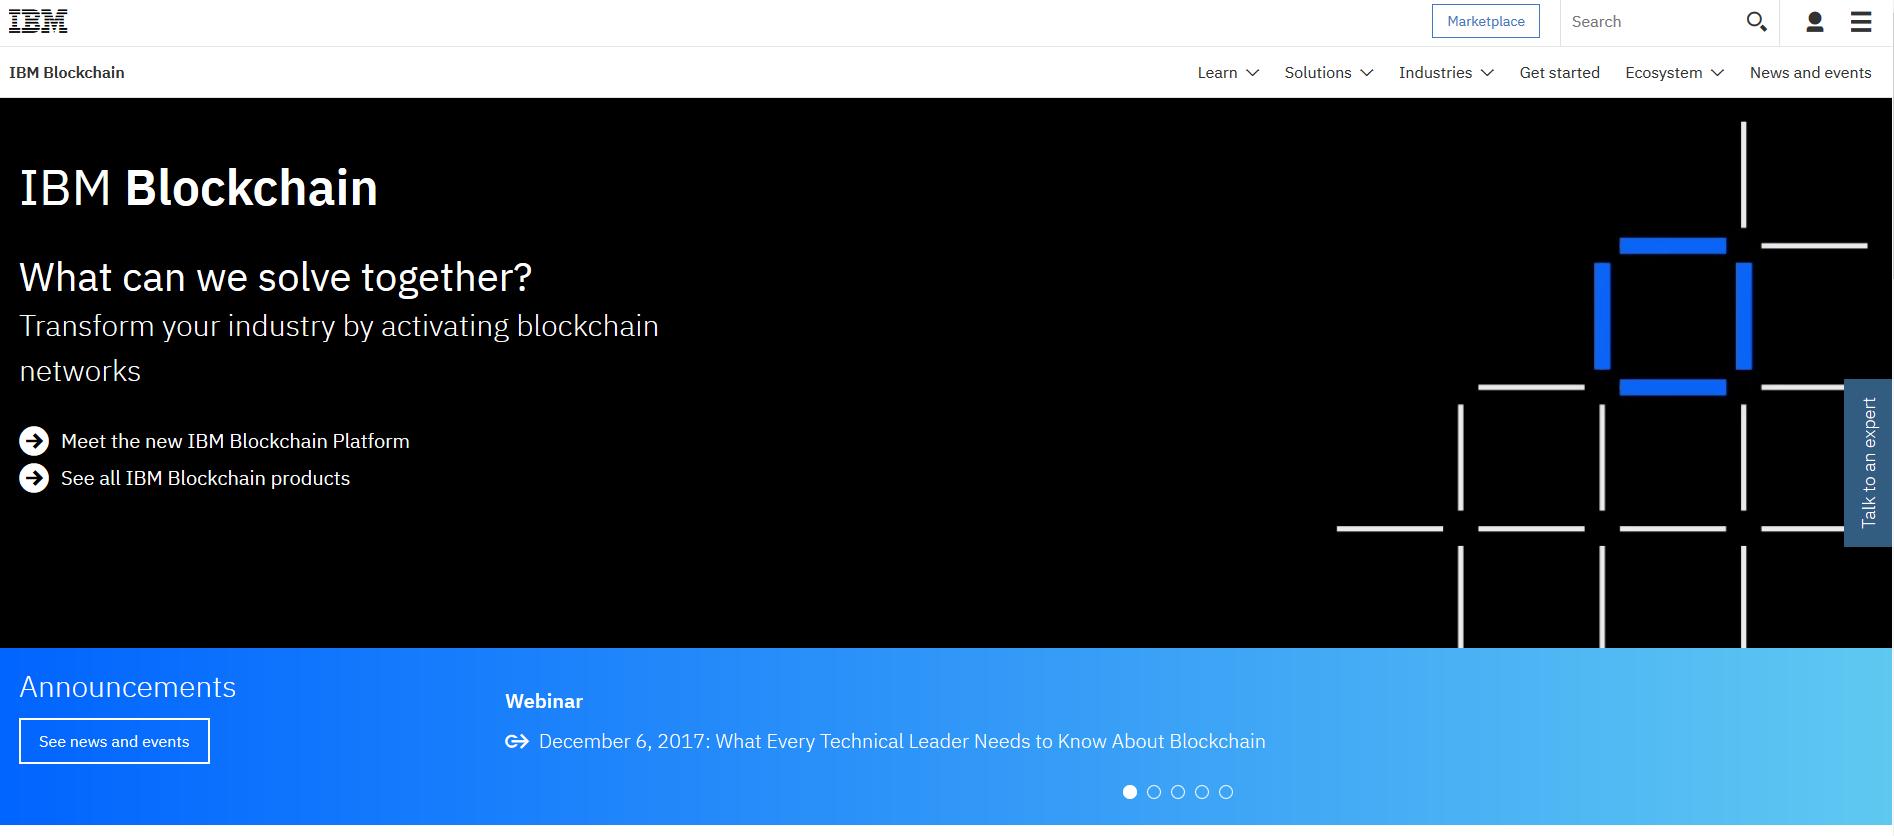 IBM blockchain as a service